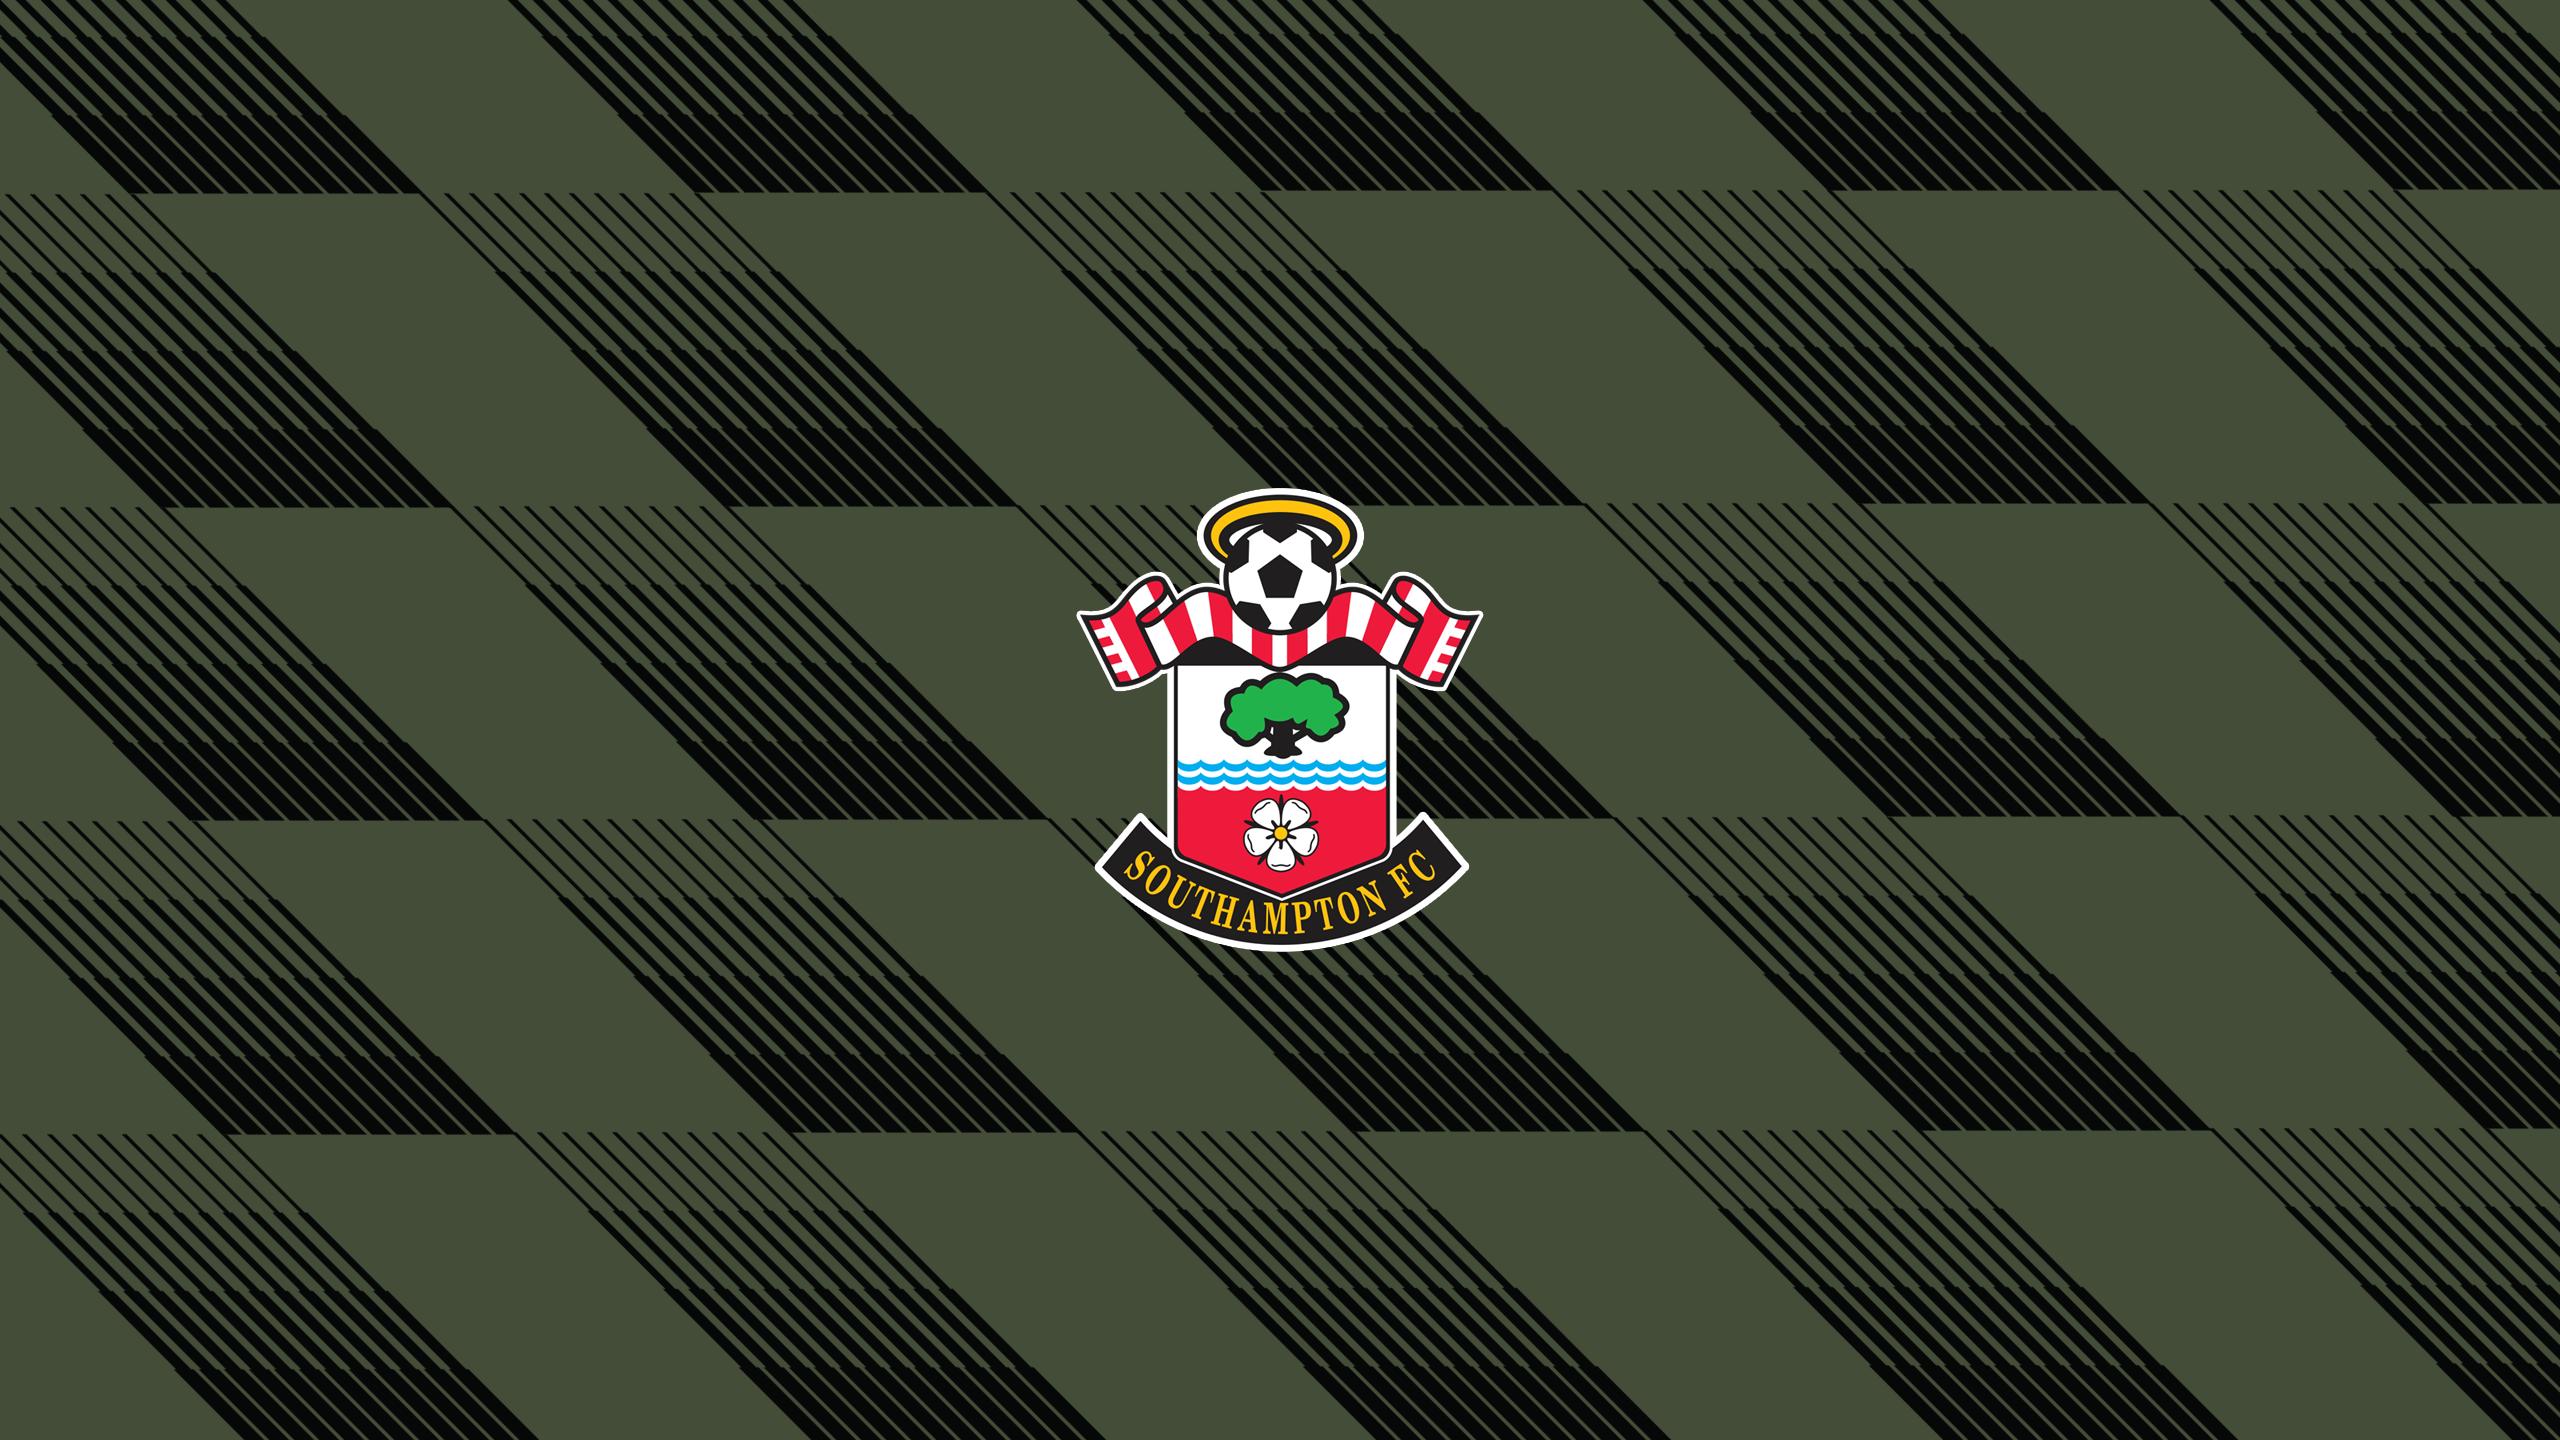 Southampton FC (Alt)